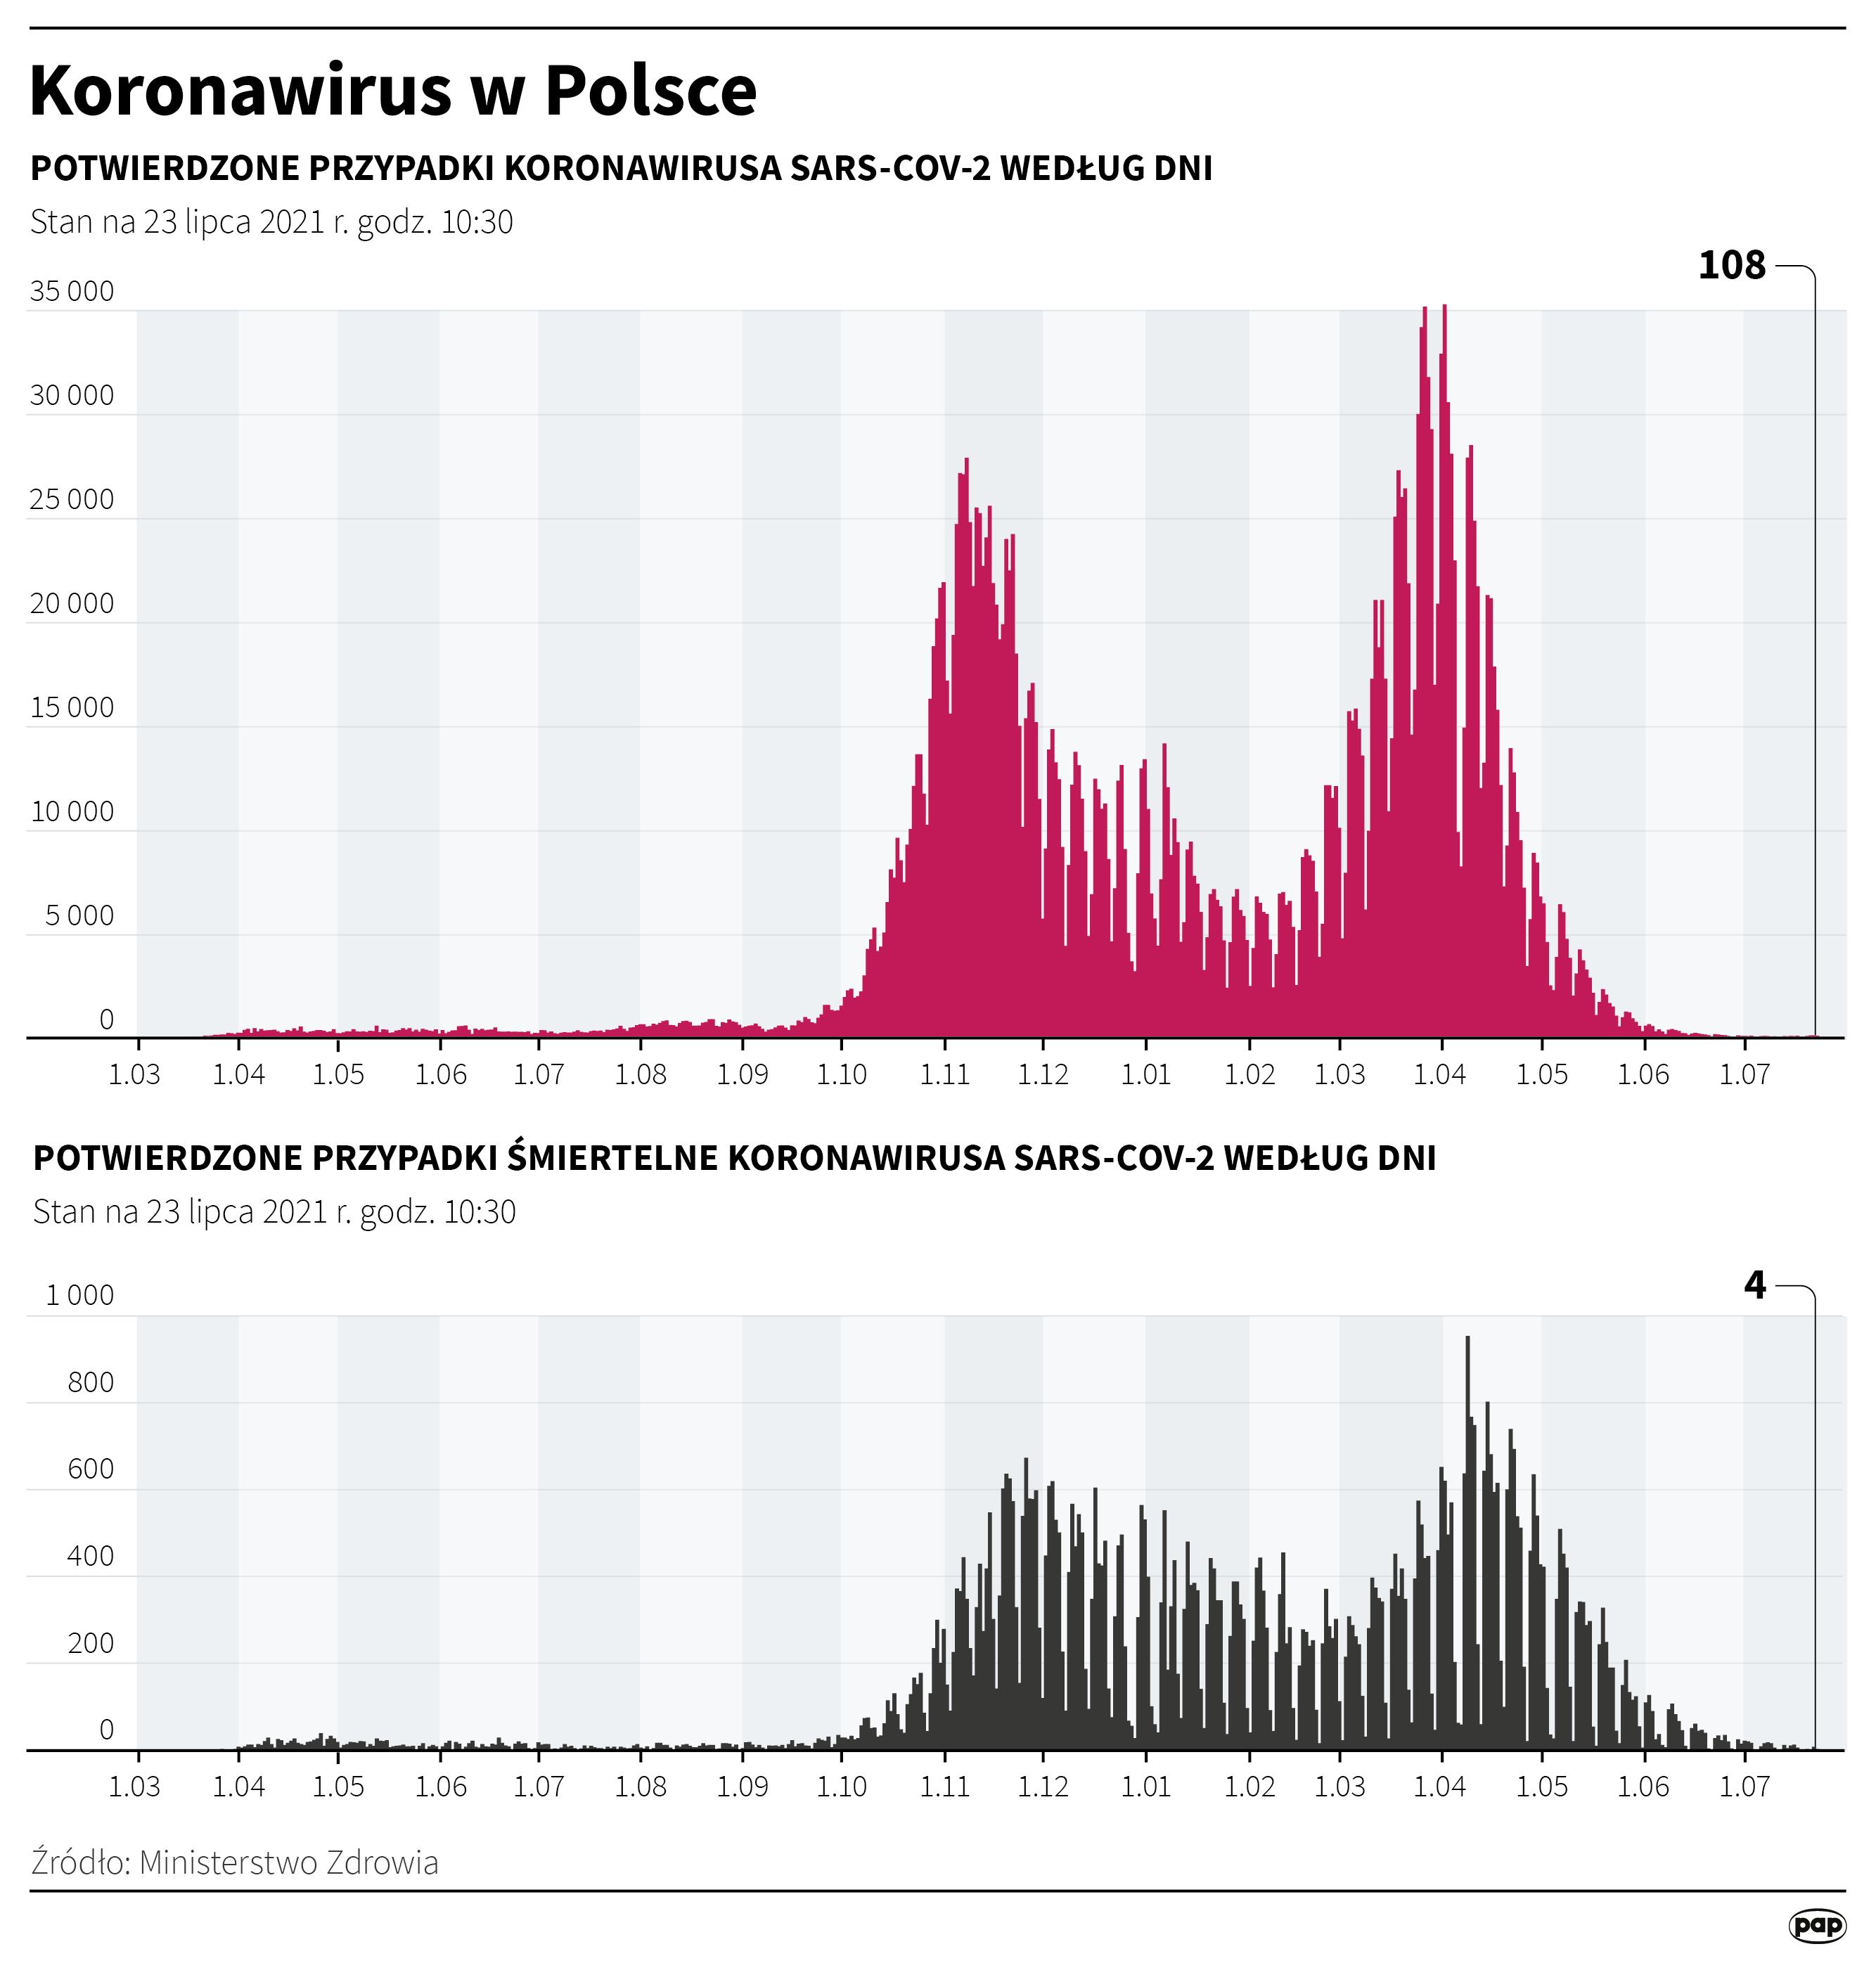 Koronawirus w Polsce stan na 23 lipca [autor: Maria Samczuk, źródło: PAP]